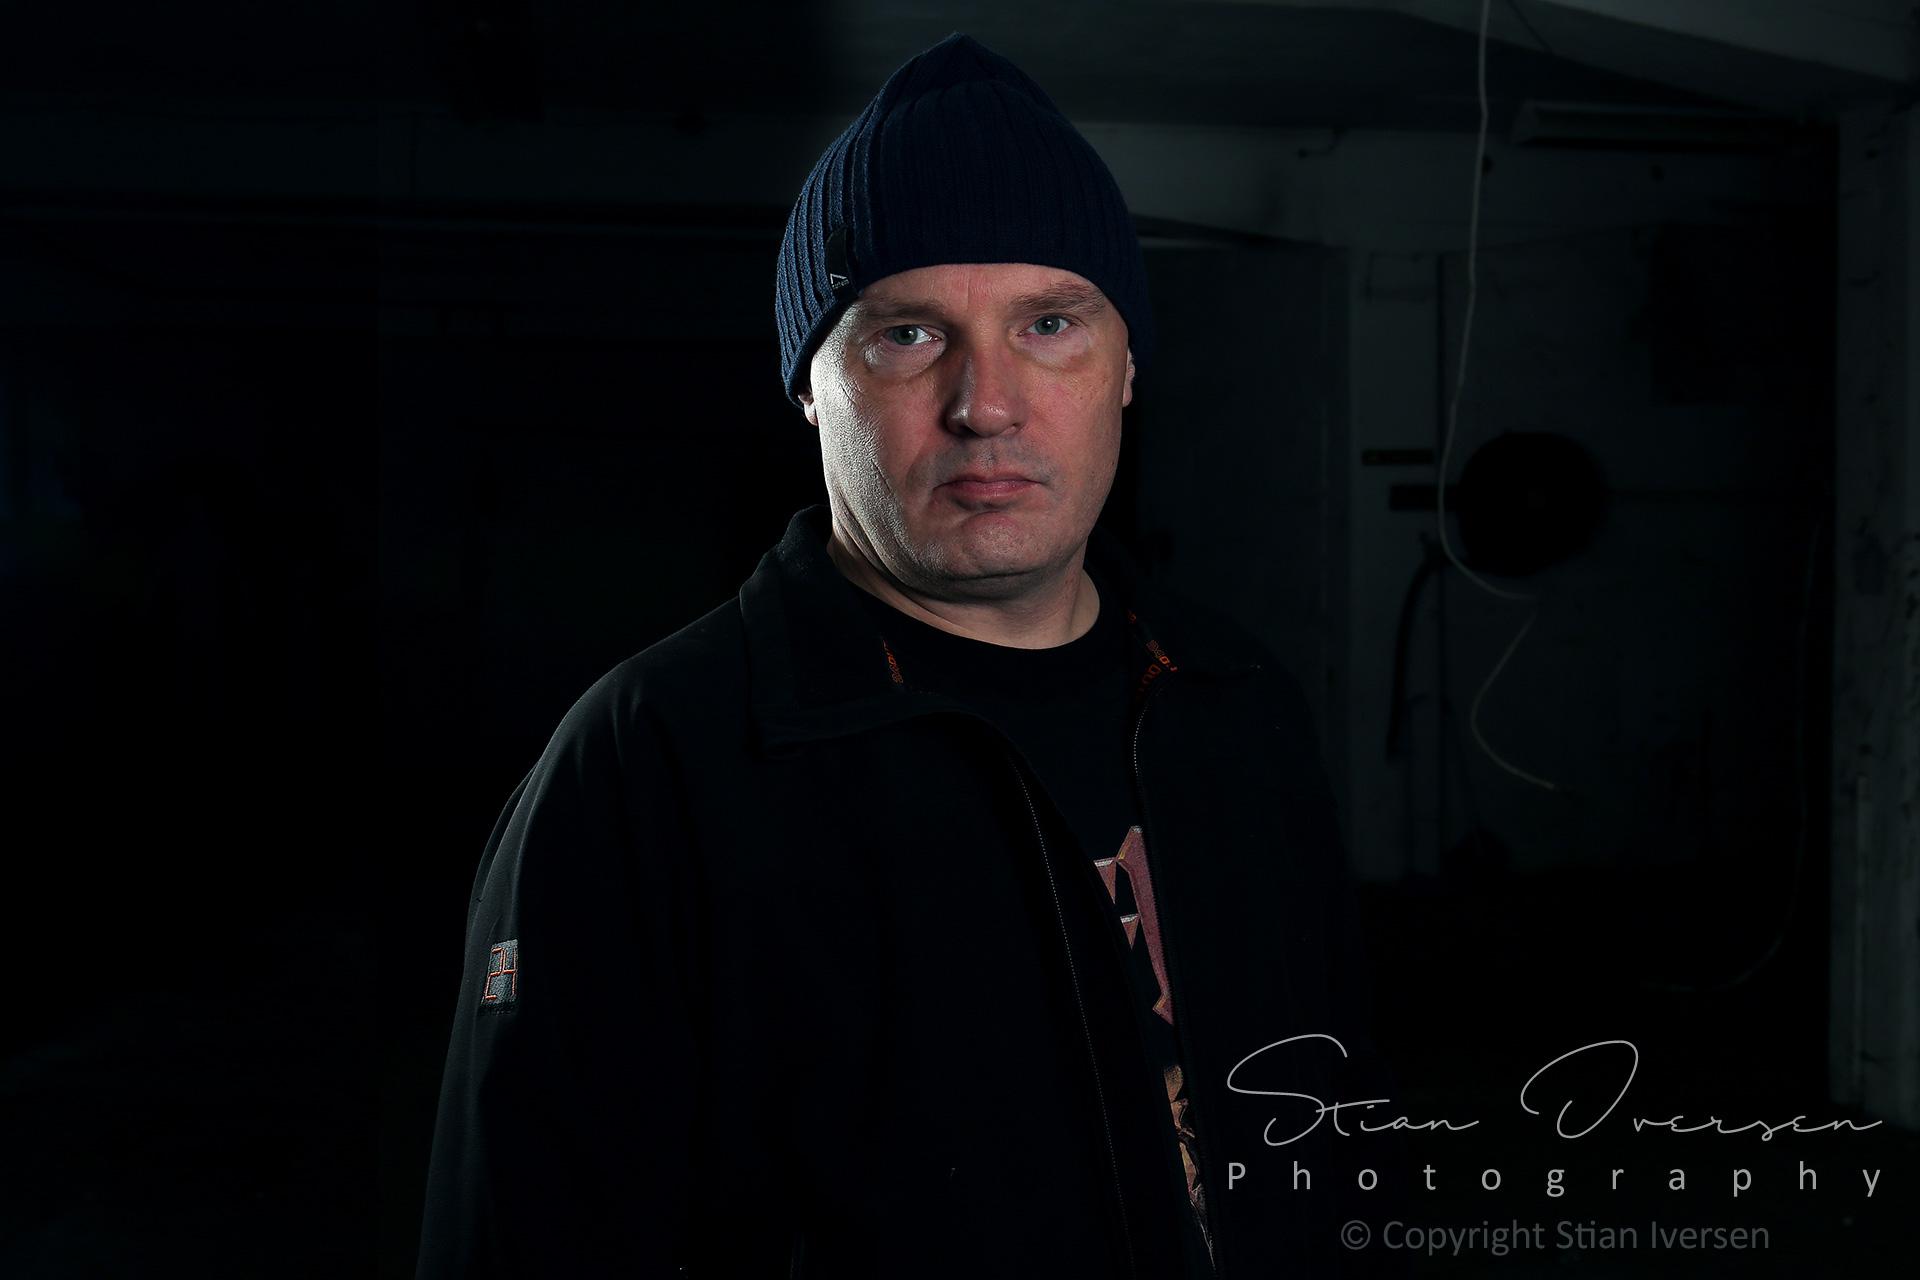 Sten Roger Knutsen (Lead Guitars)